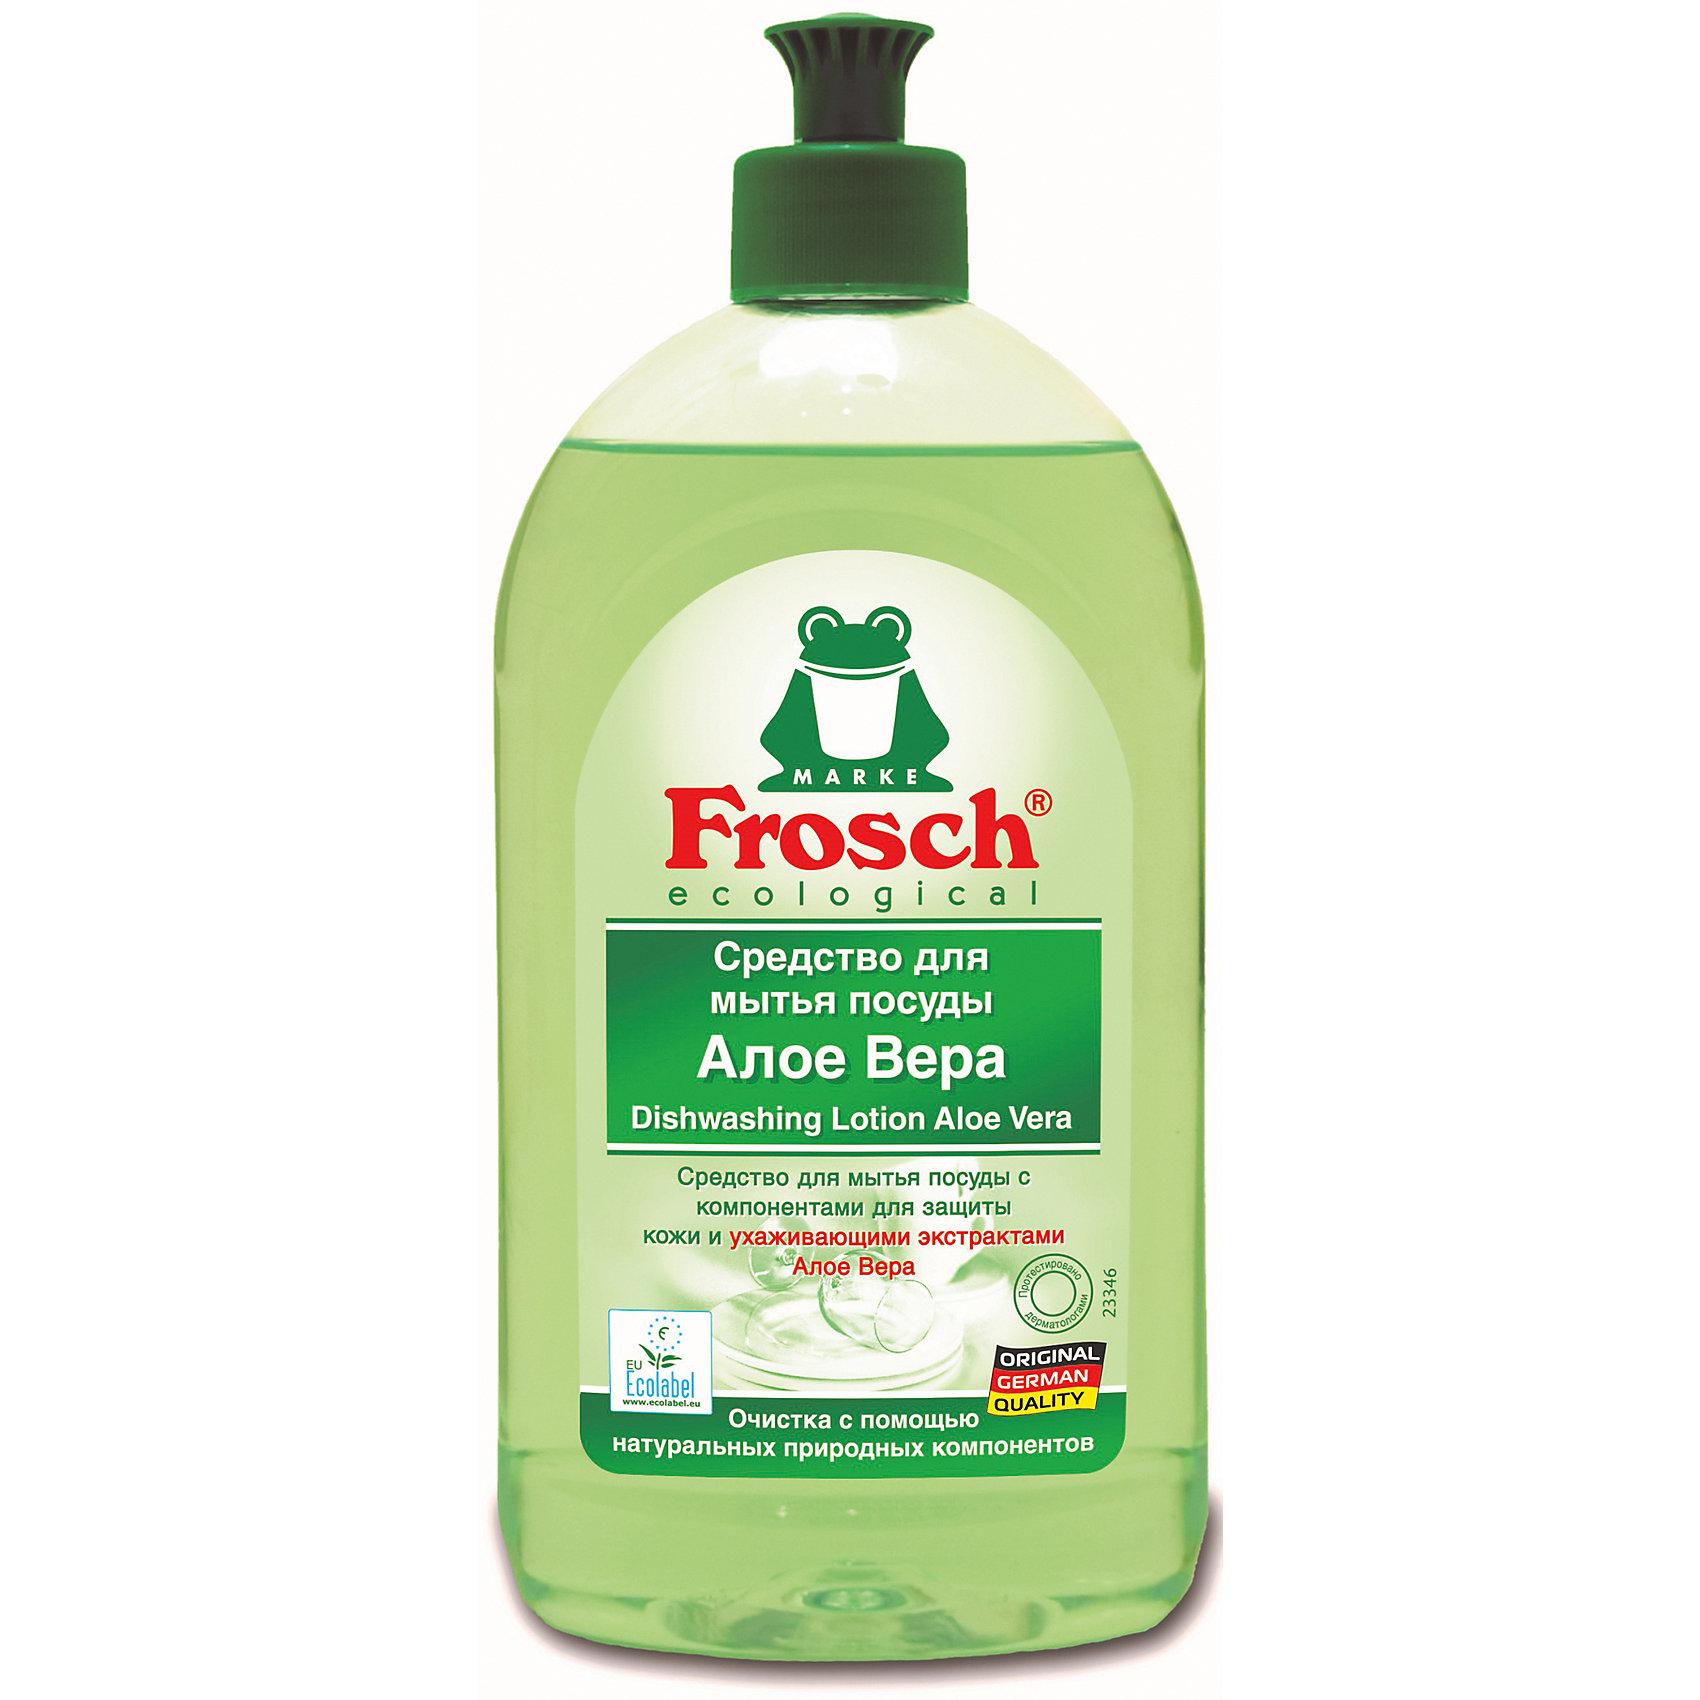 Средство для мытья посуды Алоэ Вера, 0,5л, Frosch (-)